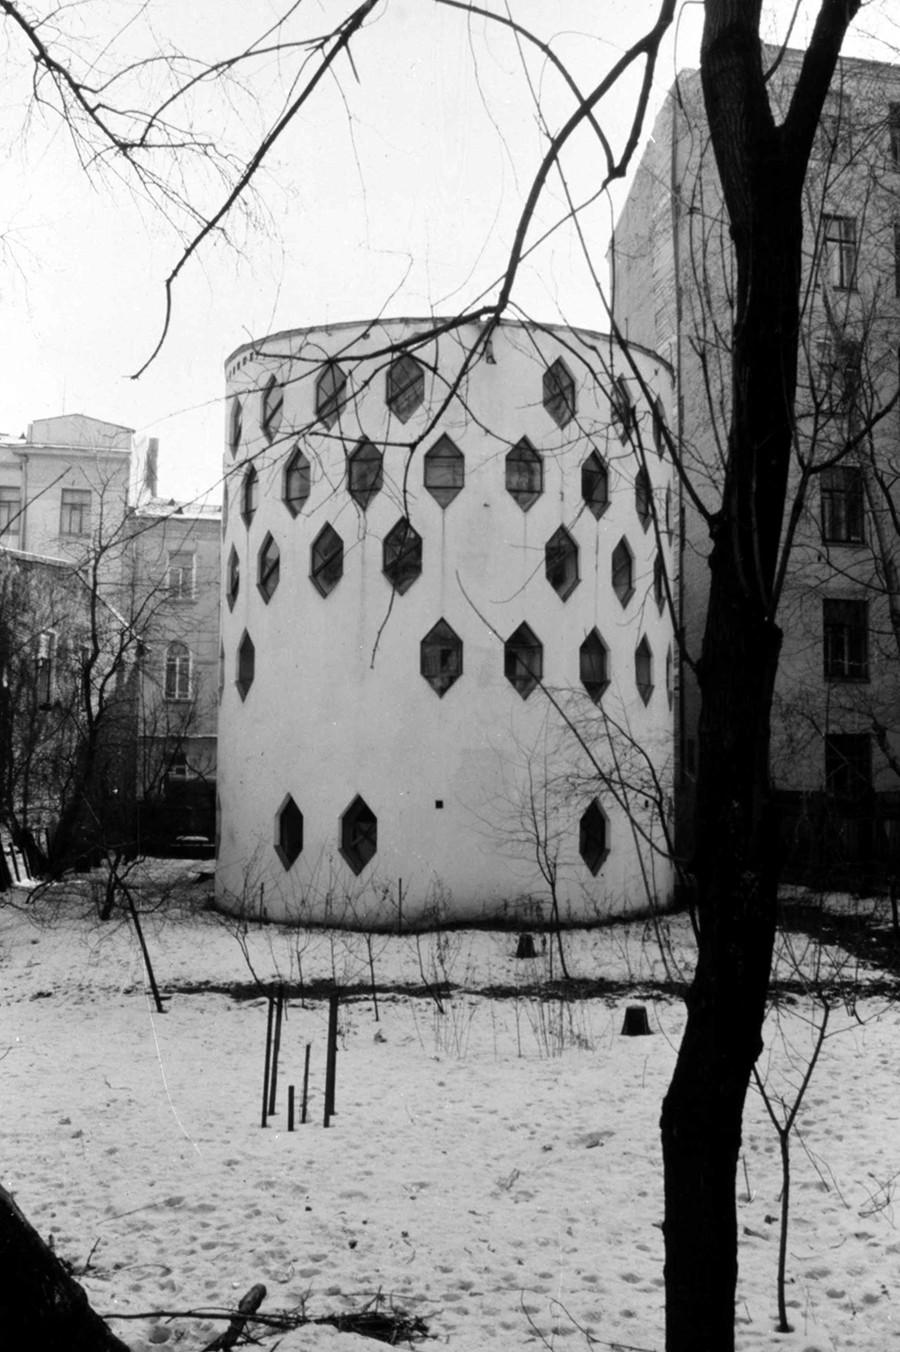 Moskau: Melnikow-Haus (1927), Foto 1984. Hier baute sich der sowjetische Architekt Konstantin Melnikow ein Studio und Einfamilienhaus. Da damals jedes Privateigentum verstaatlicht und Massenwohnblocks errichtet wurden, war das eine Ausnahme.  Das Haus war als Prototyp für spätere Rundbauten gedacht.